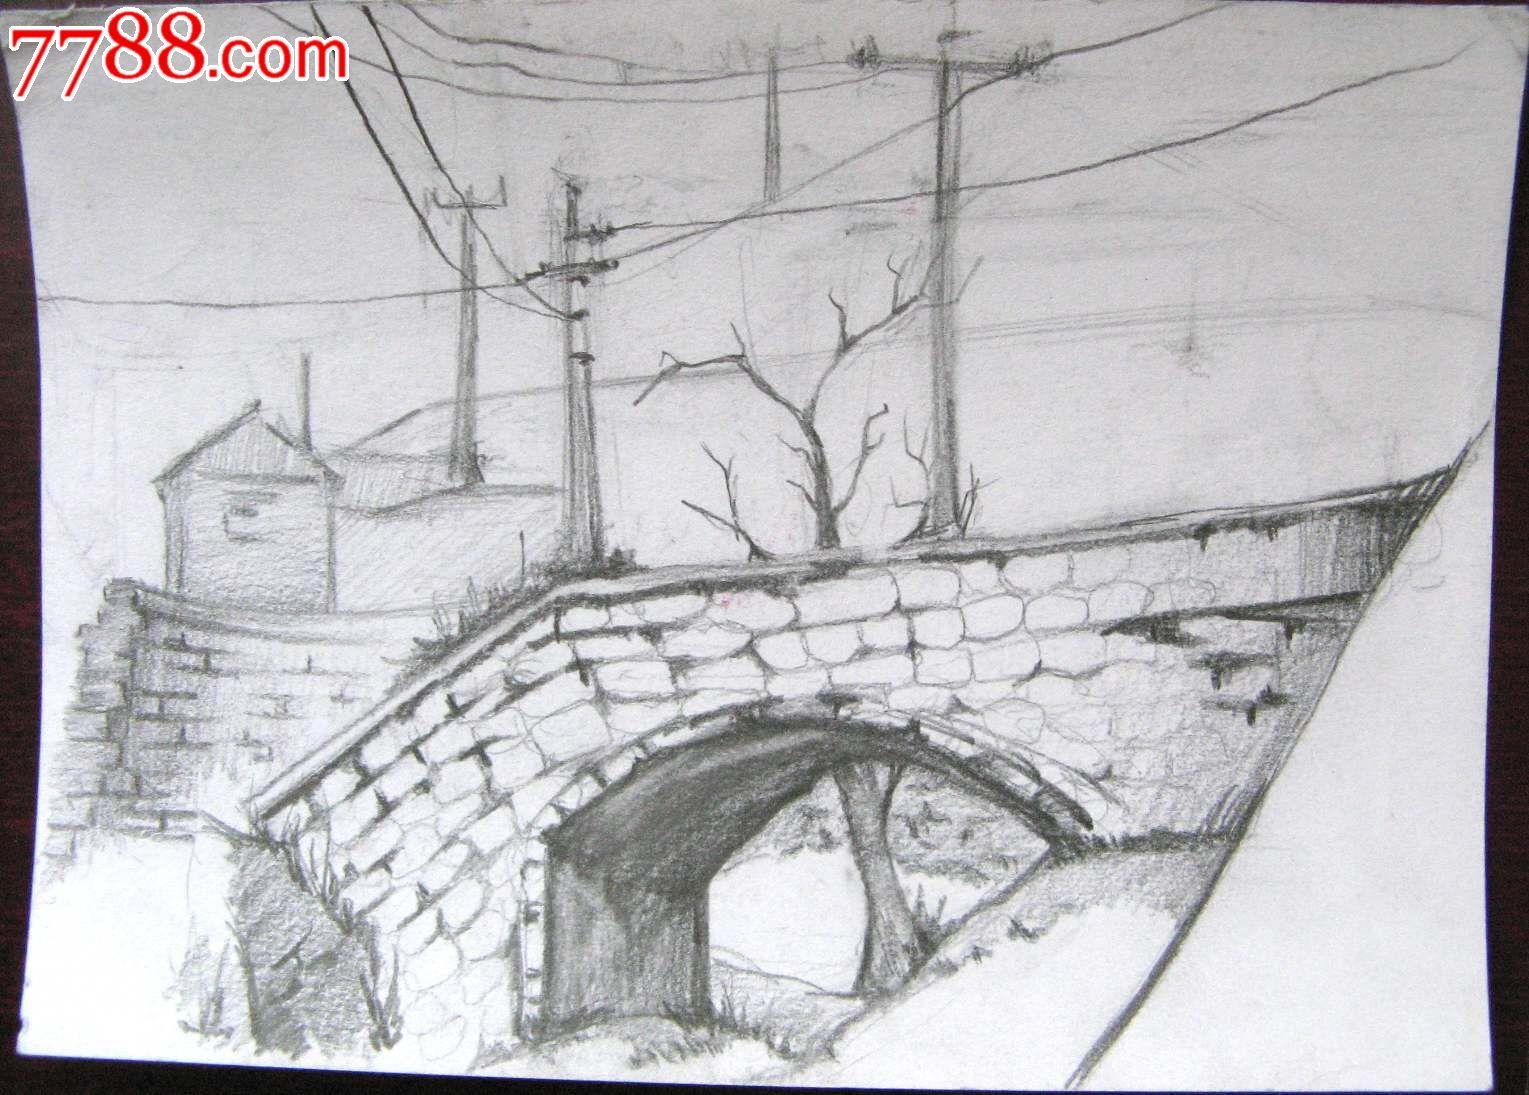 素描风景建筑画:小桥洞